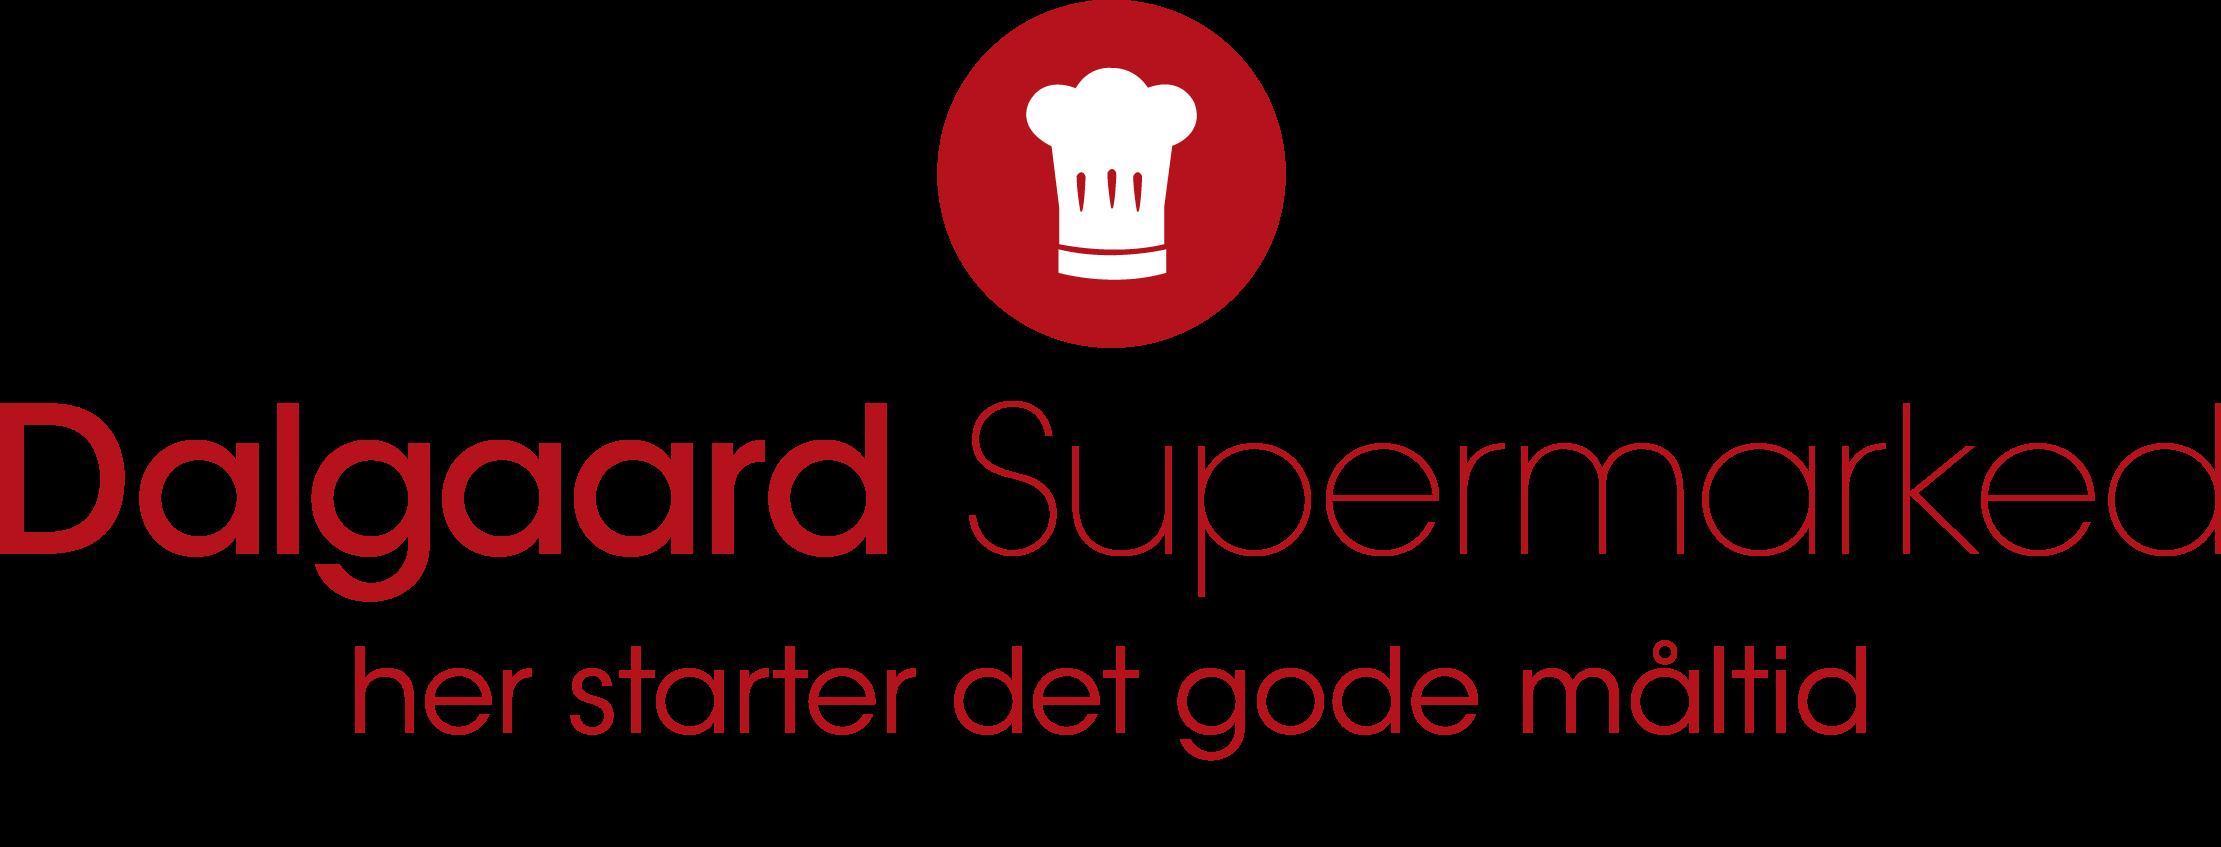 dalgaardsupermarked.dk